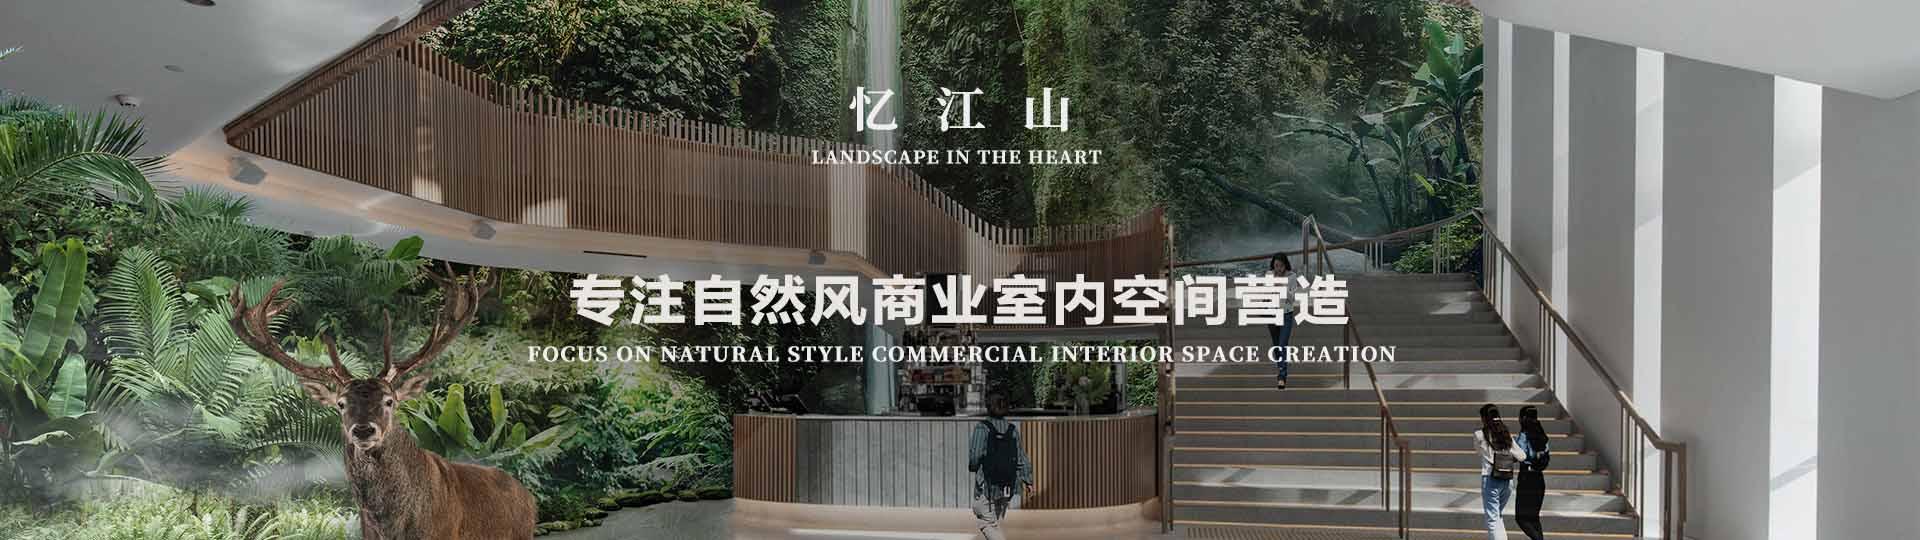 北京忆江山专注商业室内景观营造,设计创造价值